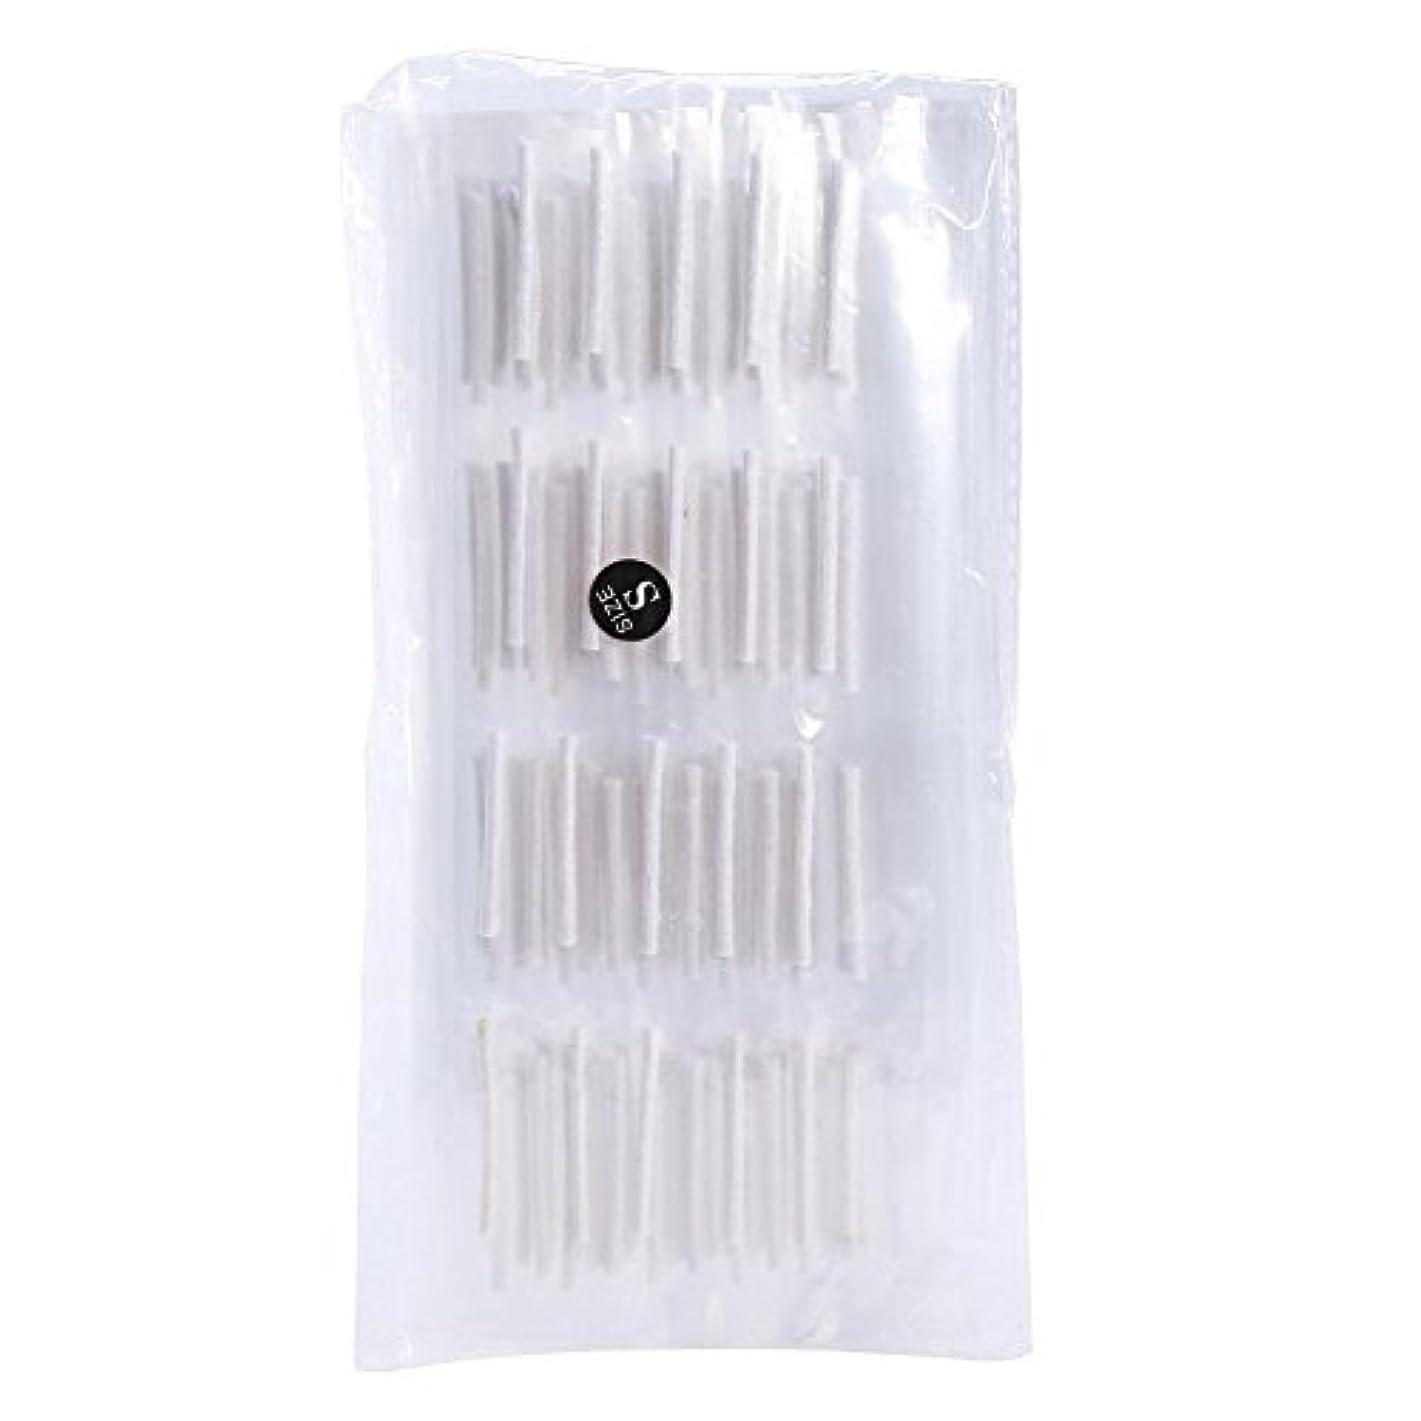 人道的予知小学生2 サイズ 200ピースのまつげ ウェーブスティック棒 まつげエクステンションツール(S)